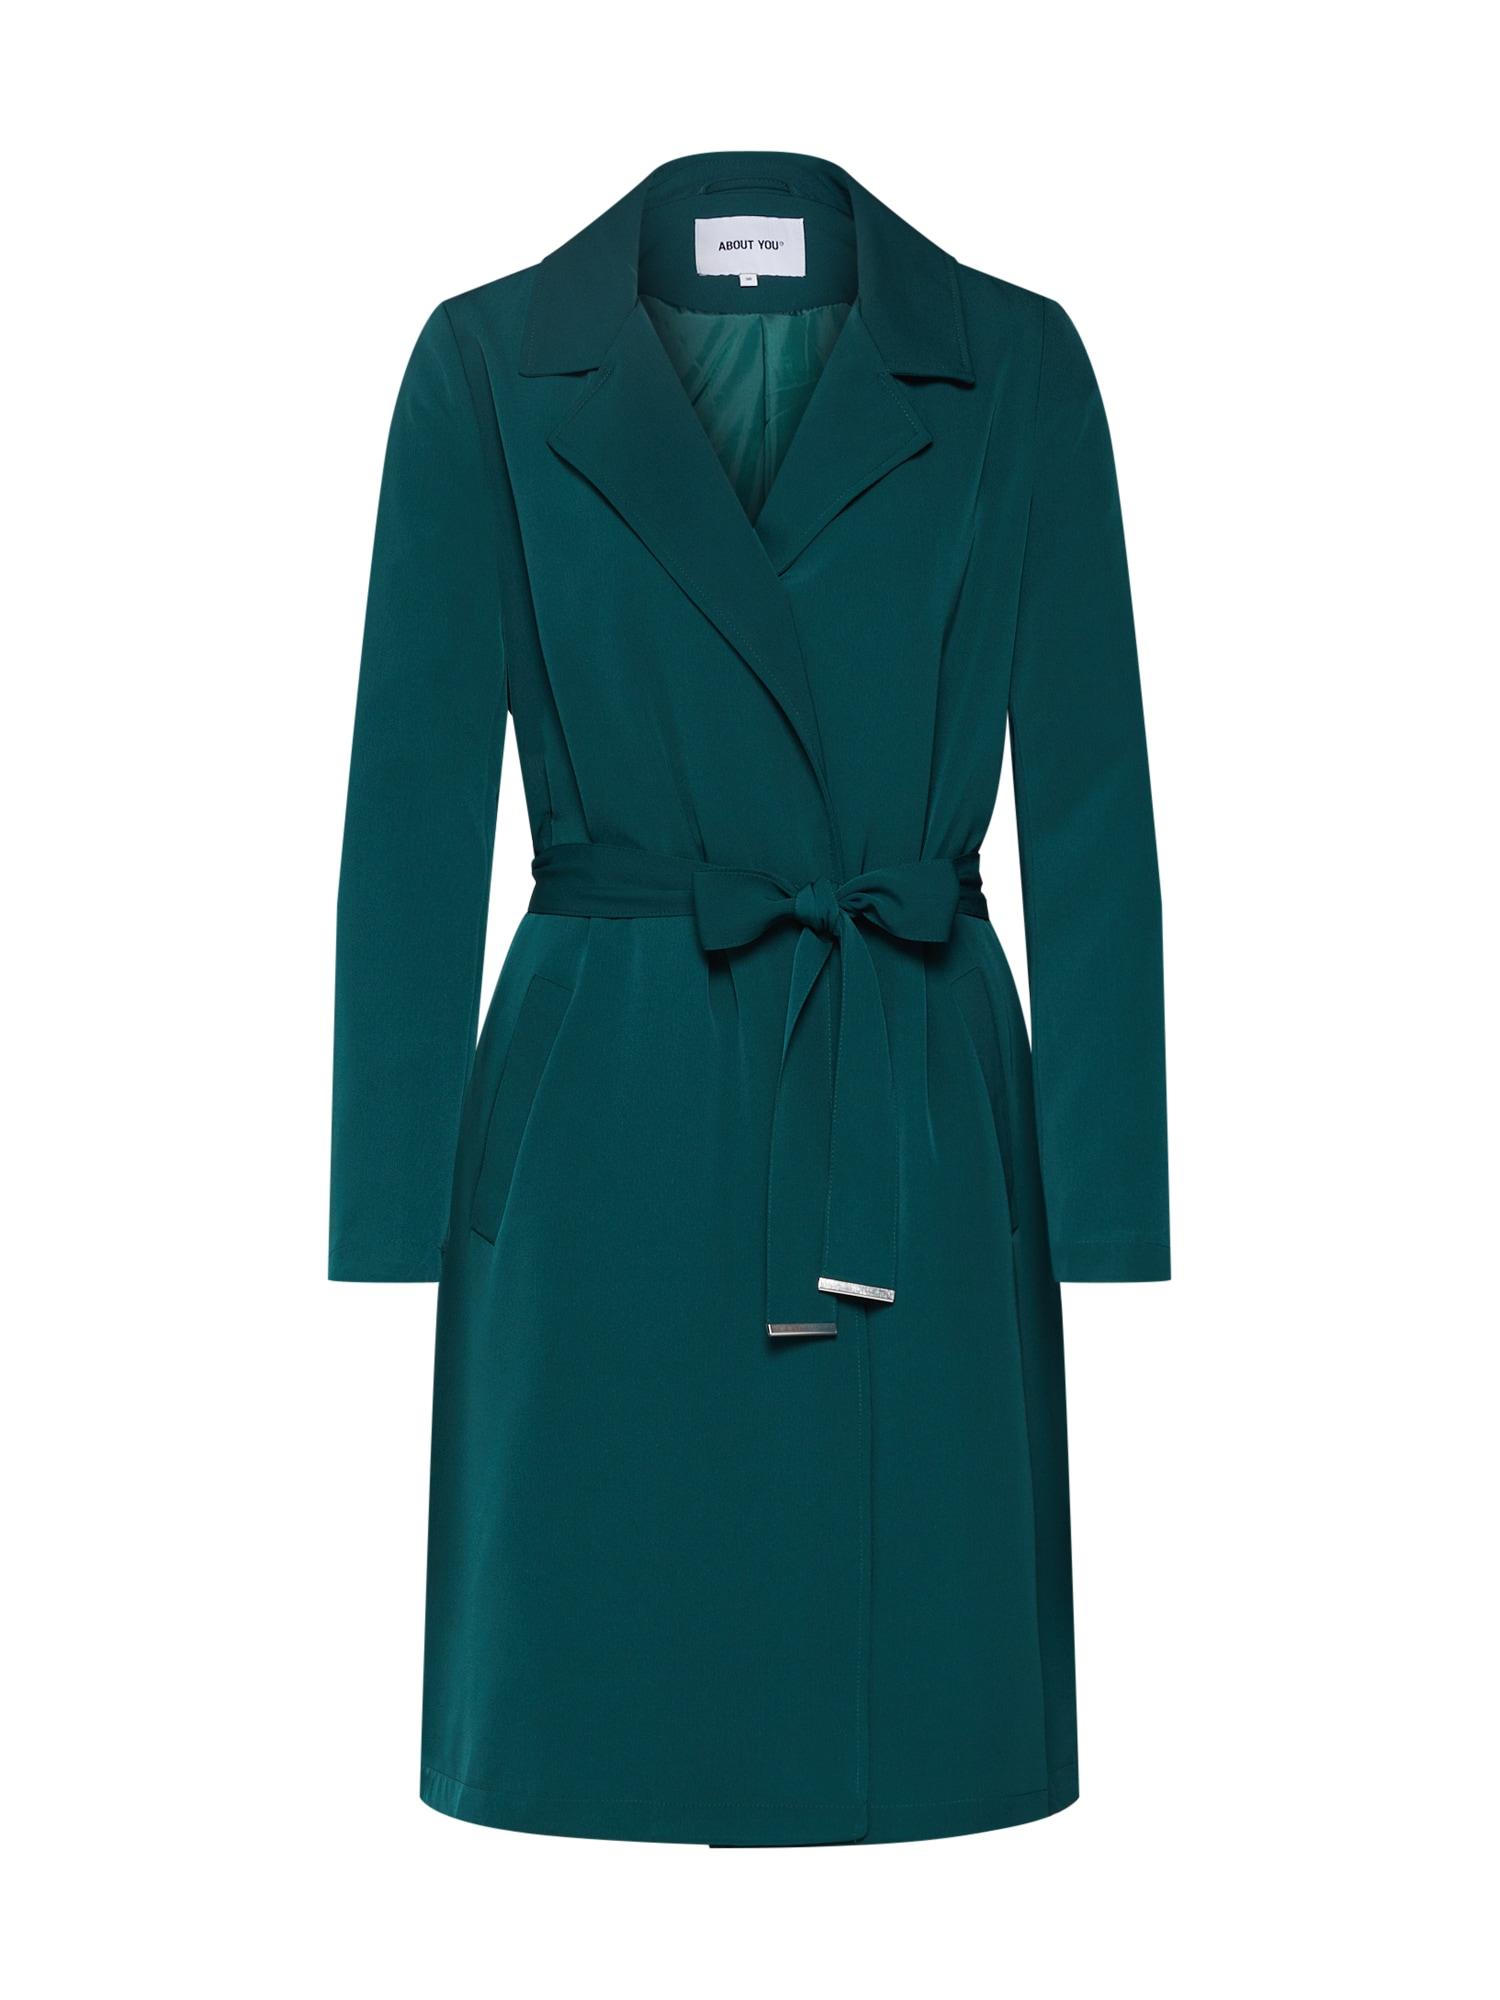 Přechodný kabát Cara zelená ABOUT YOU